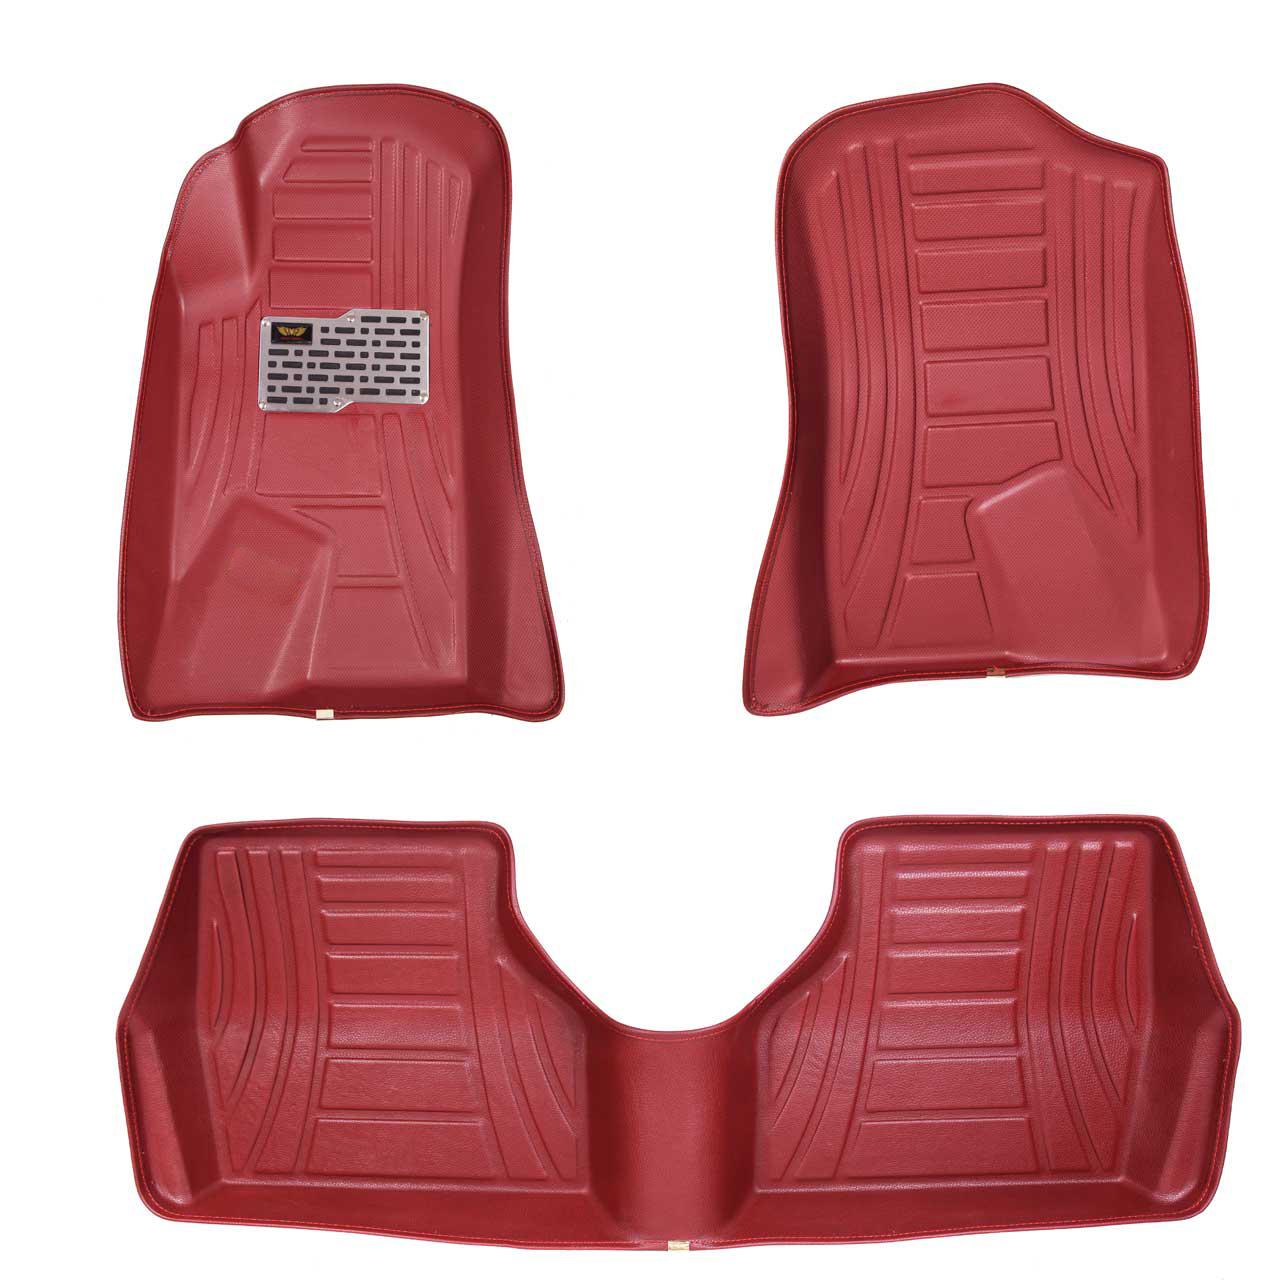 کفپوش سه بعدی خودرو ماهوت کد 8030 مناسب برای پژو 405 و پارس